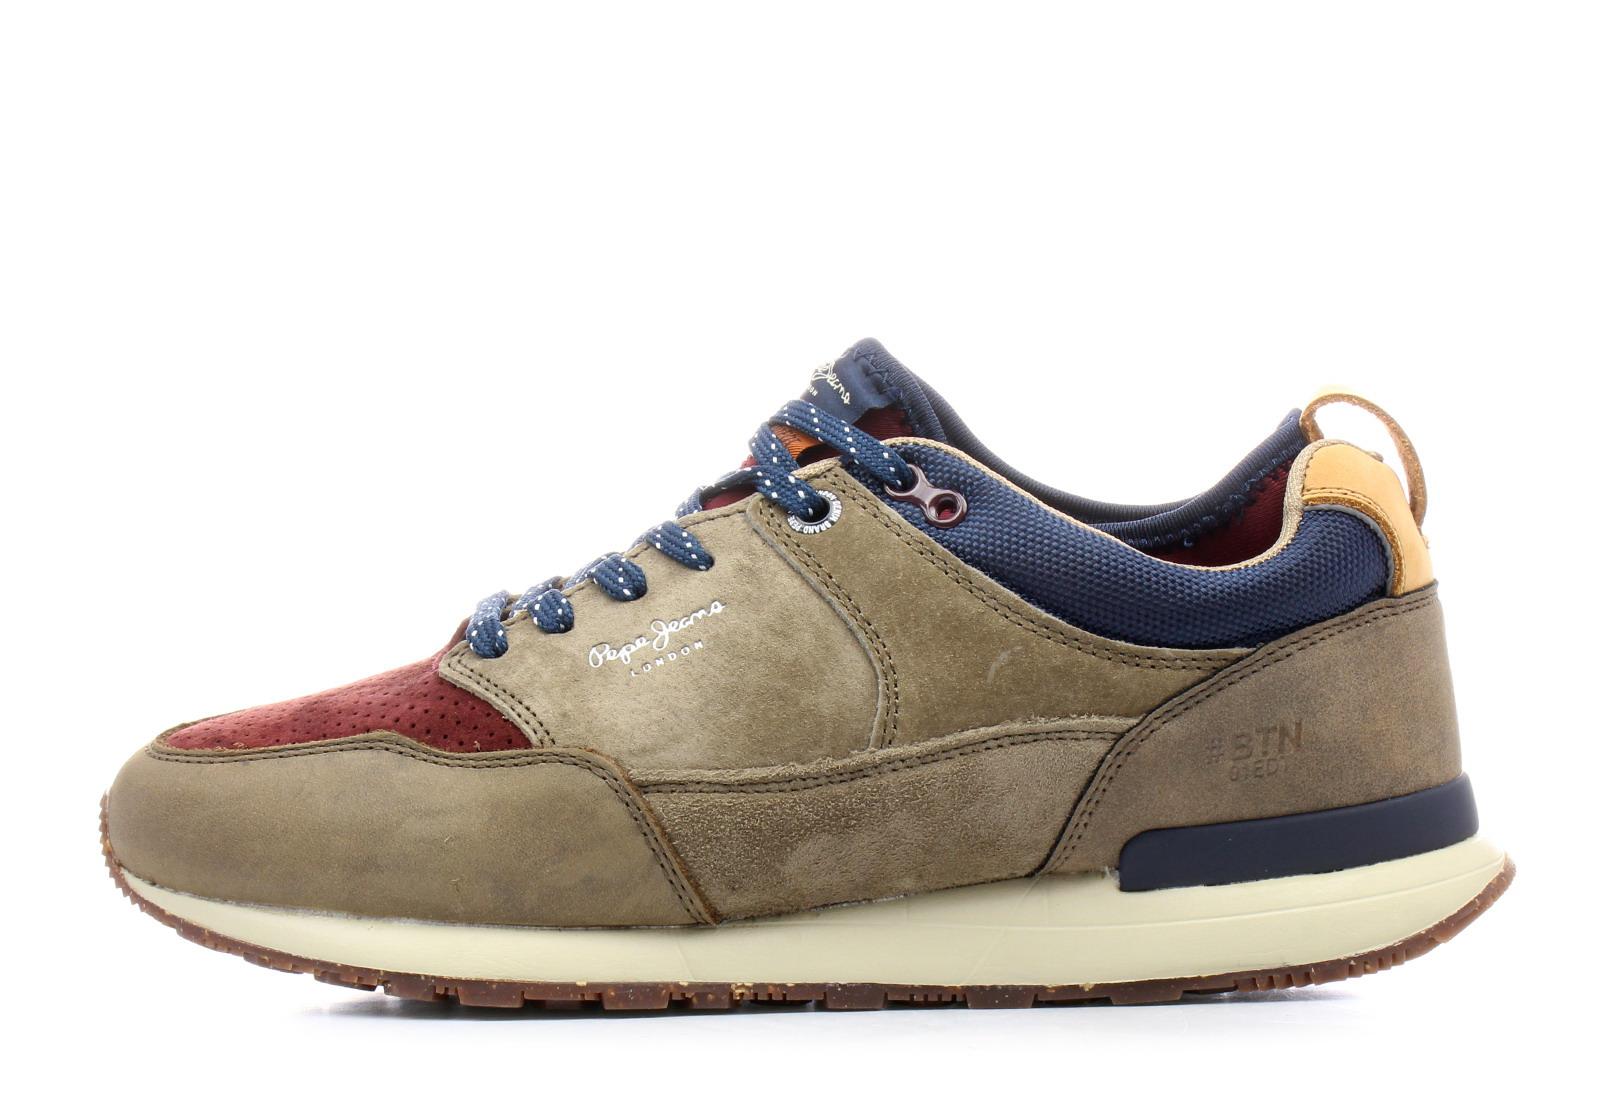 Pepe Jeans Cipő - Btn - PMS30473884 - Office Shoes Magyarország 81d1ab449a